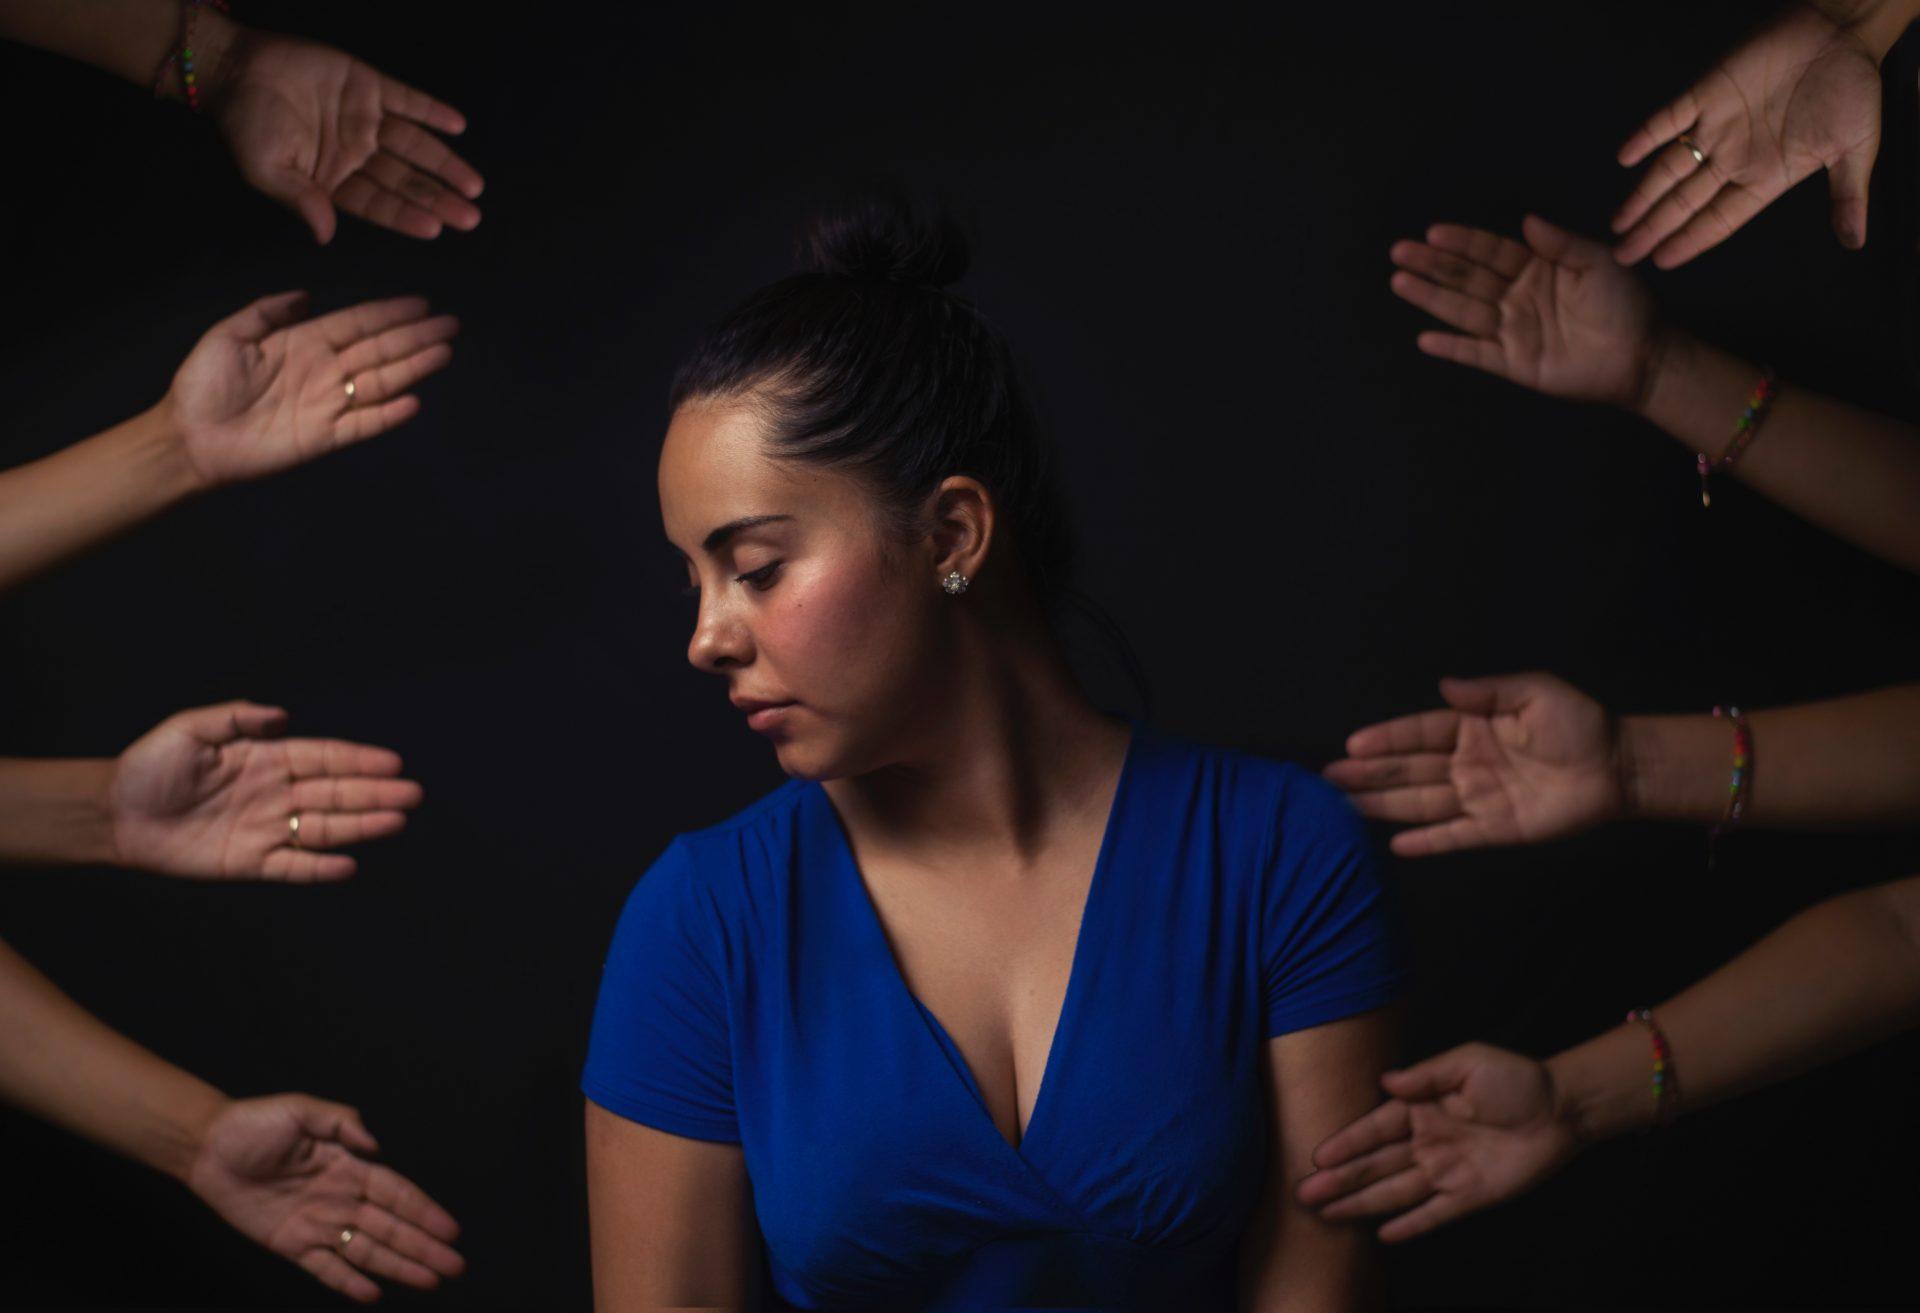 Traitement des troubles de santé mentale